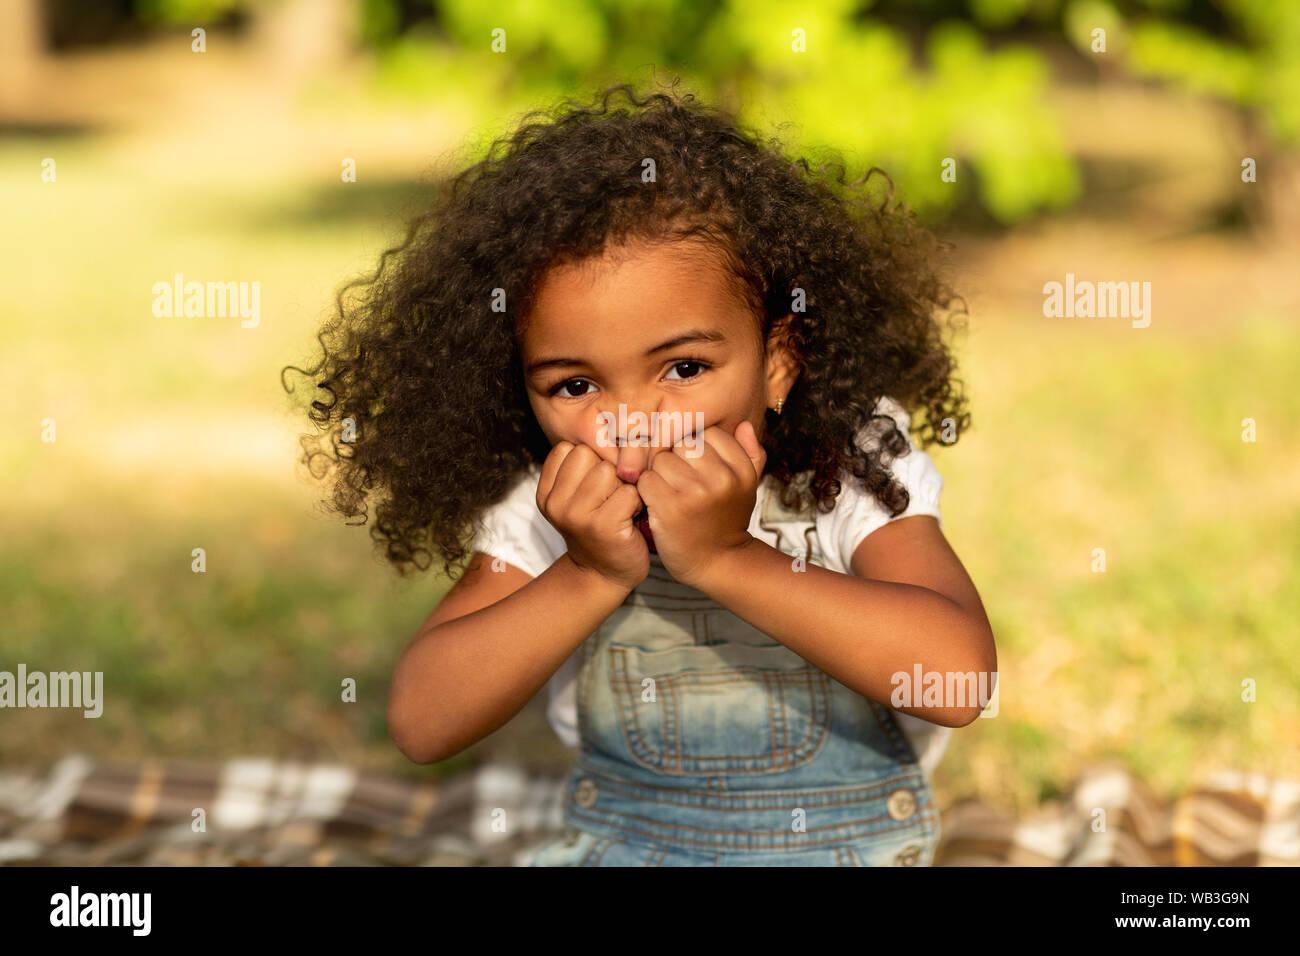 Niña sonriendo y tocando las mejillas en parque natural Foto de stock